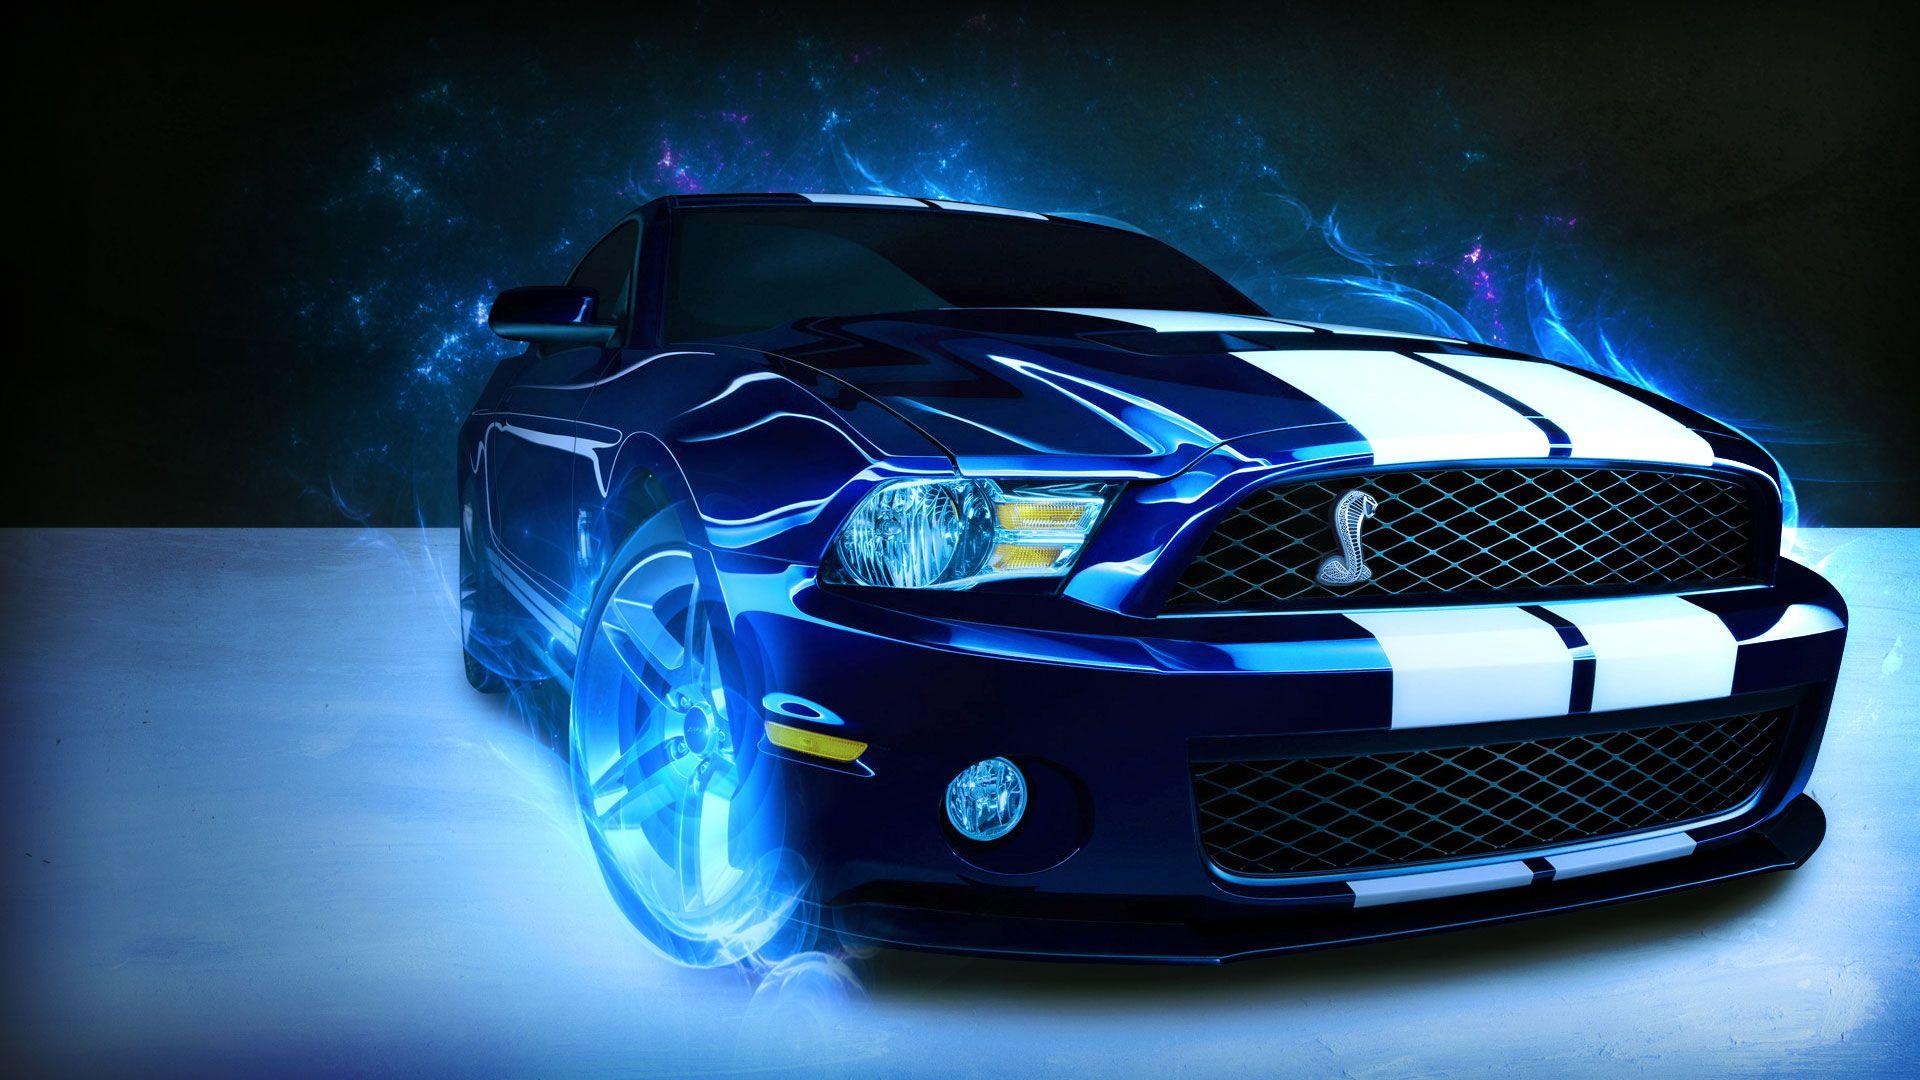 Mustang Gt 2014 Wallpaper Best Hd Car Wallpaper Pinterest